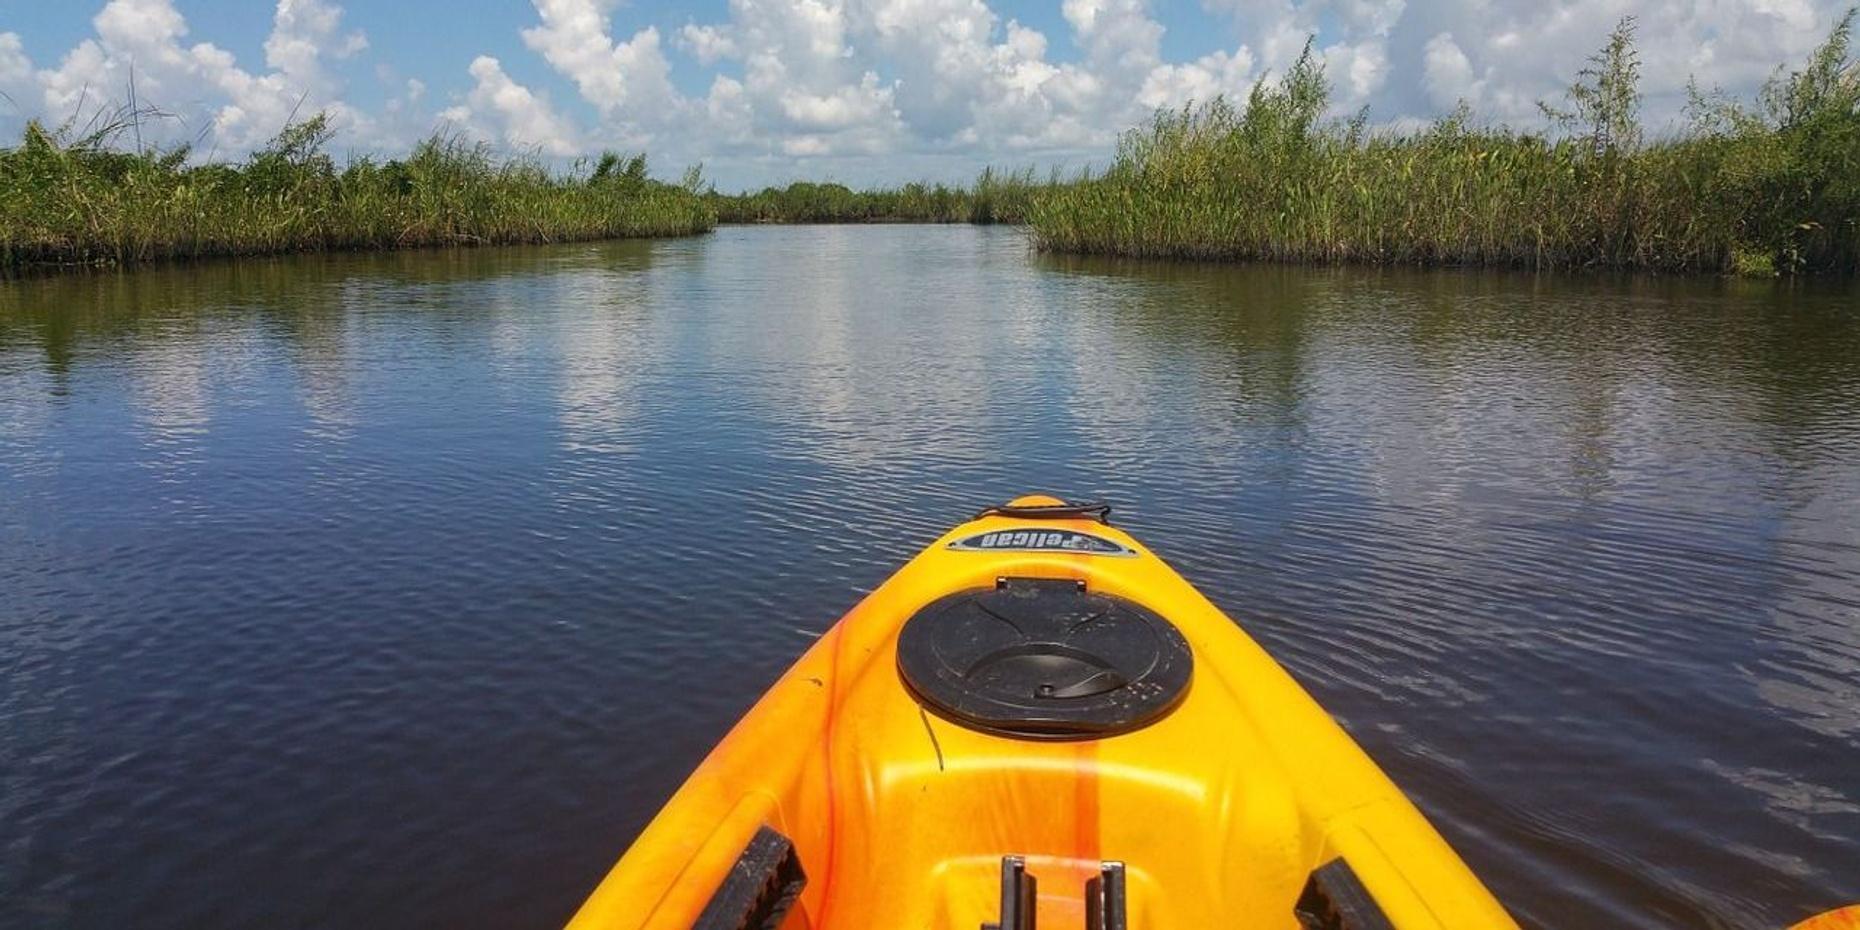 Tandem Kayak Rentals in Covington